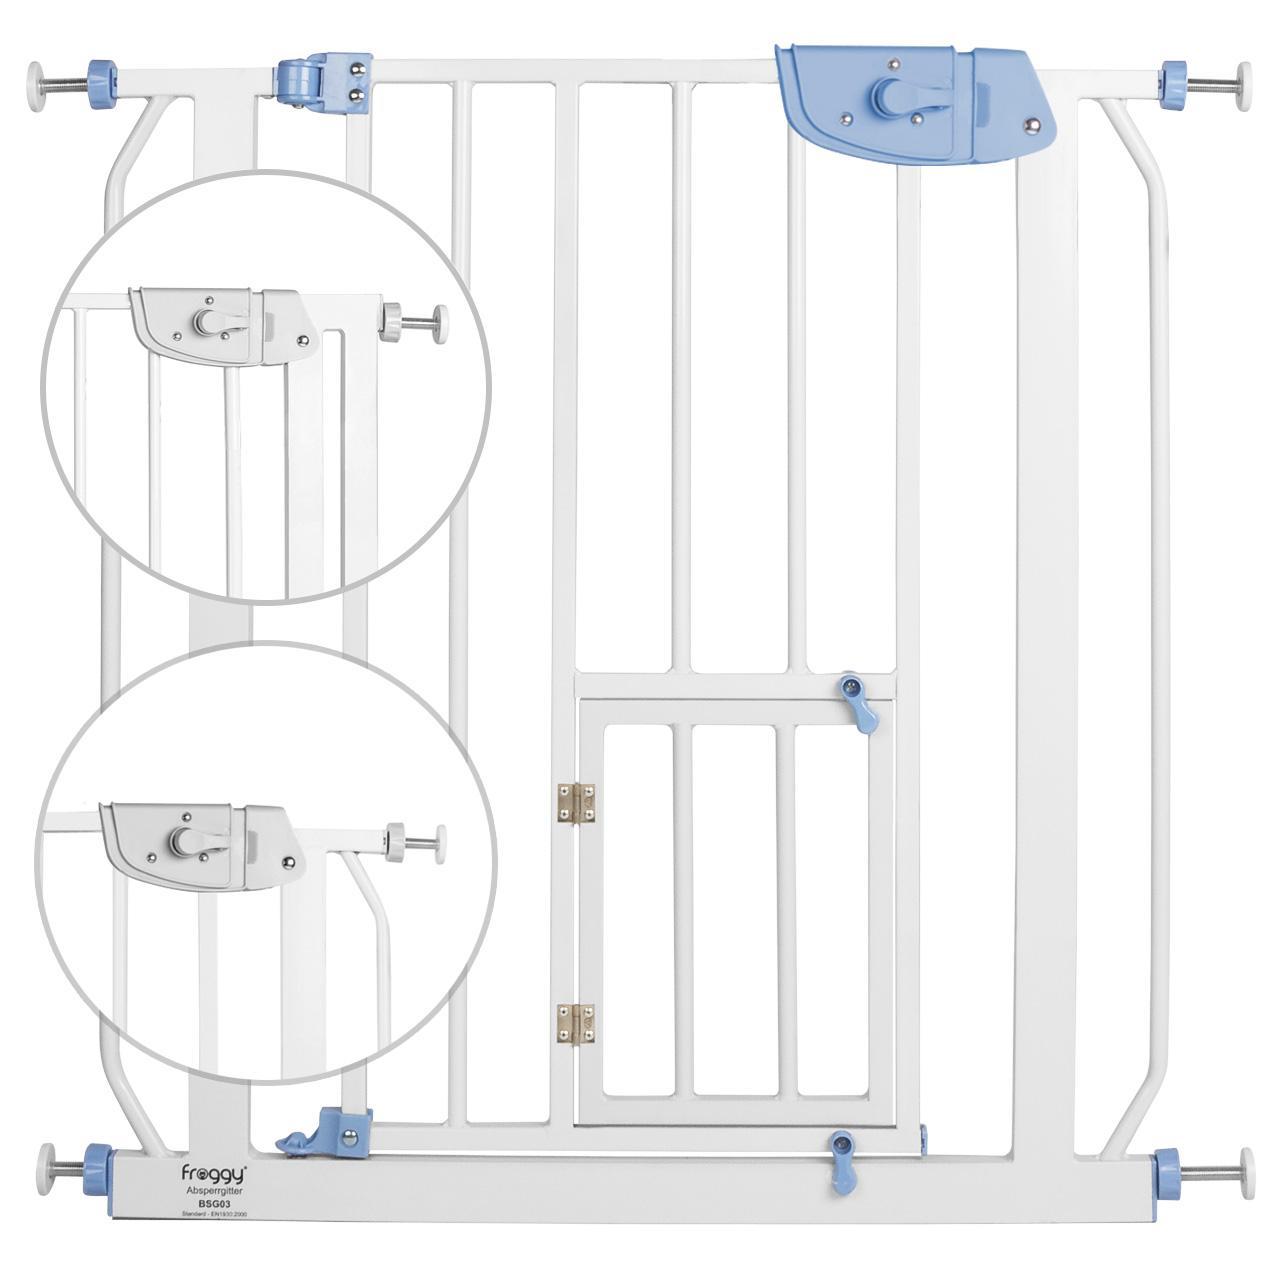 babygitter vedhftede fotos klik for at se i fuld strrelse with babygitter product image with. Black Bedroom Furniture Sets. Home Design Ideas